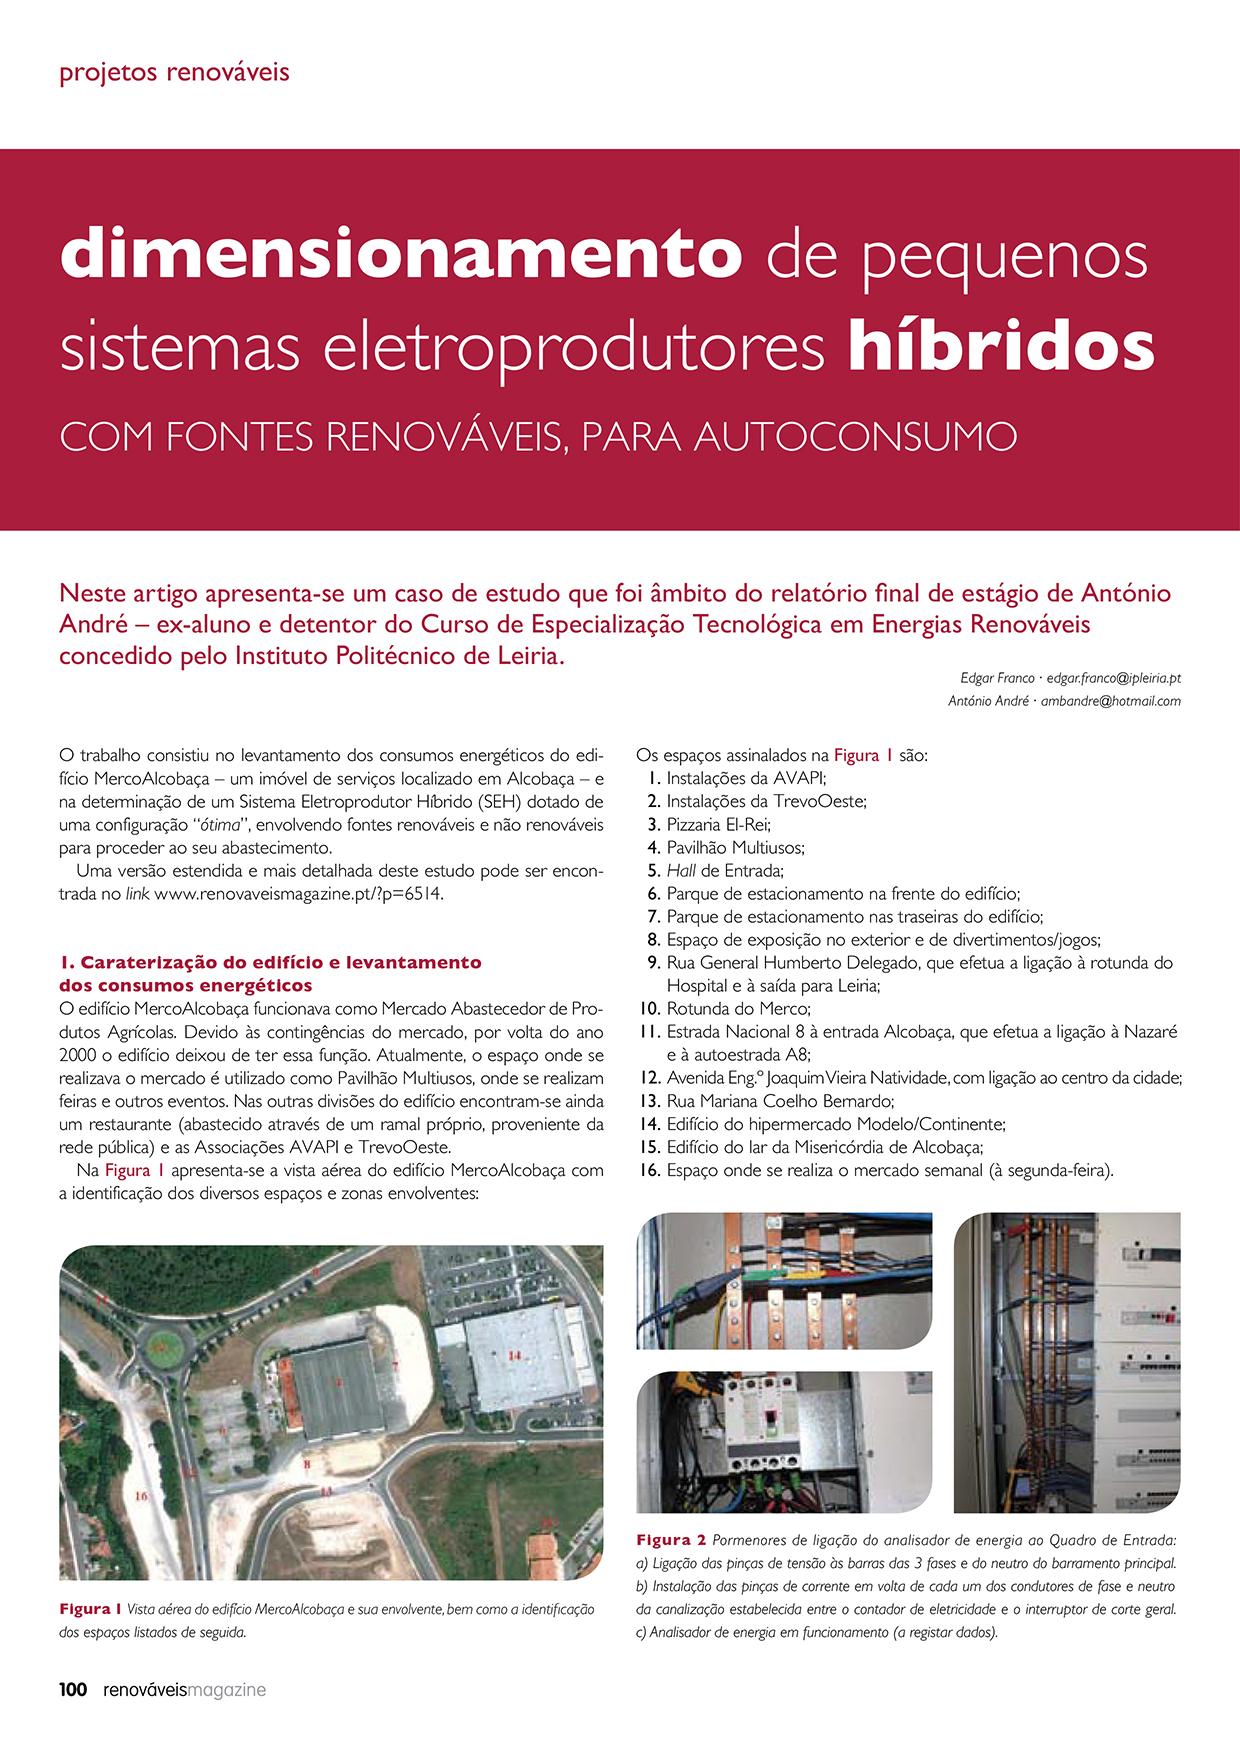 Artigo sobre Dimensionamento de pequenos sistemas eletroprodutores híbridos